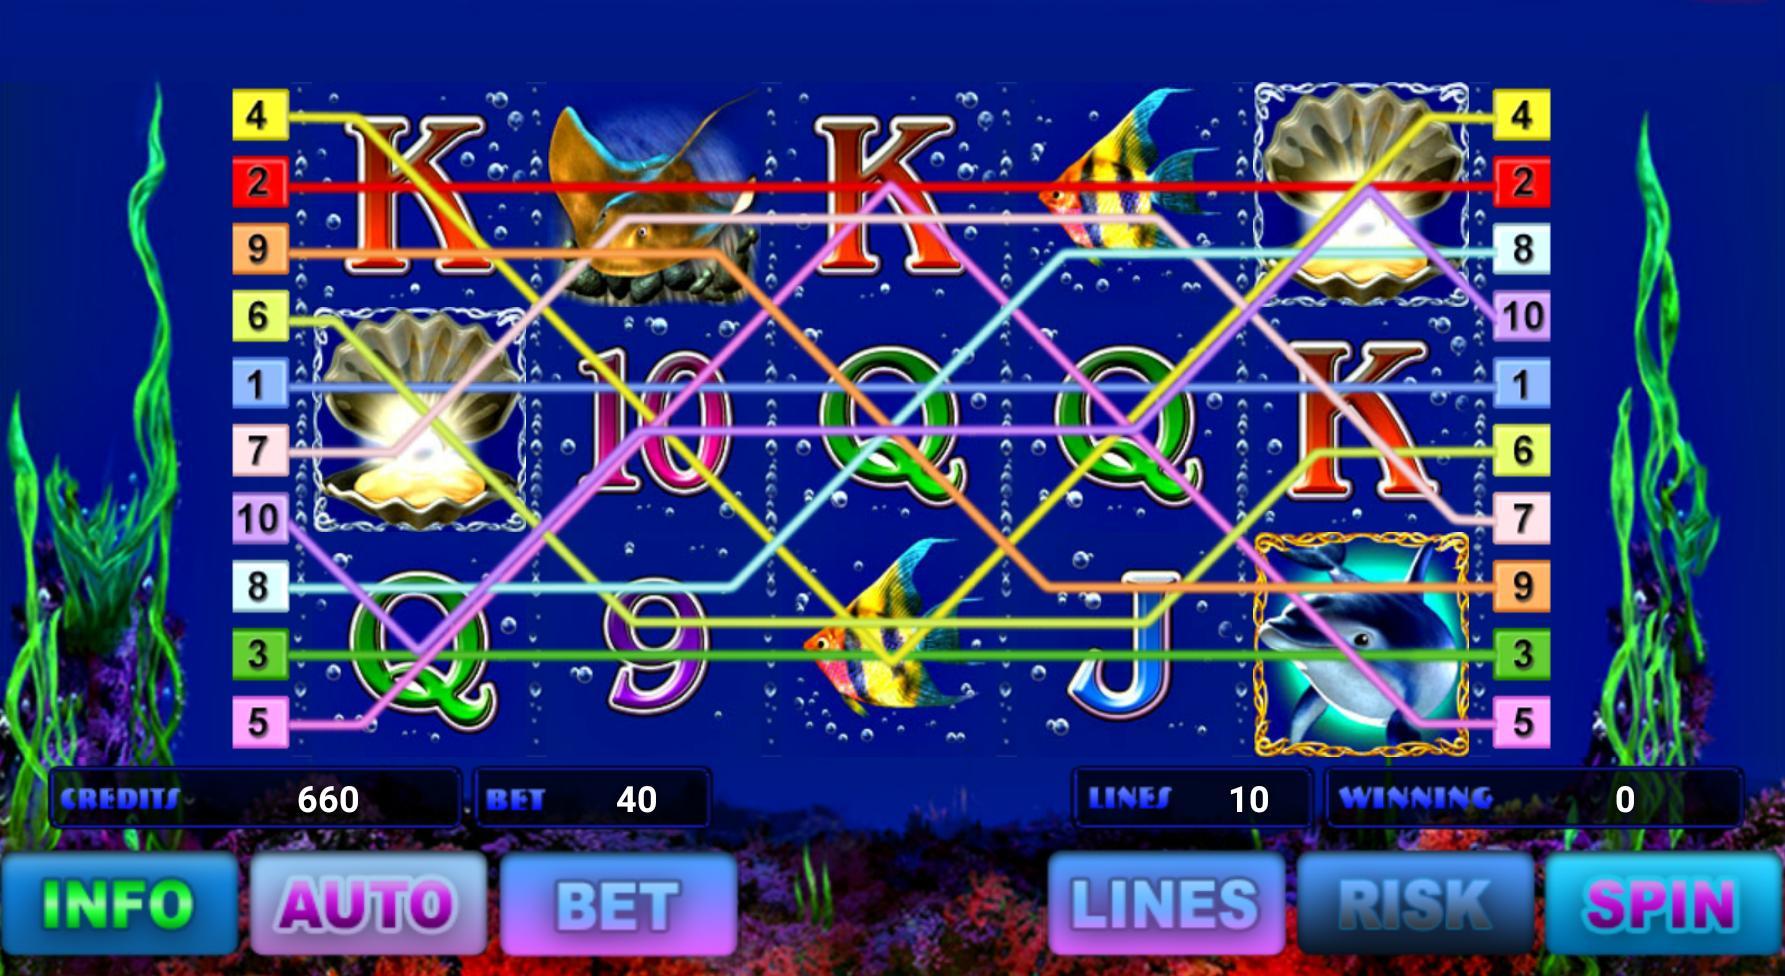 Игровые автоматы играть онлайн бесплатно чукча